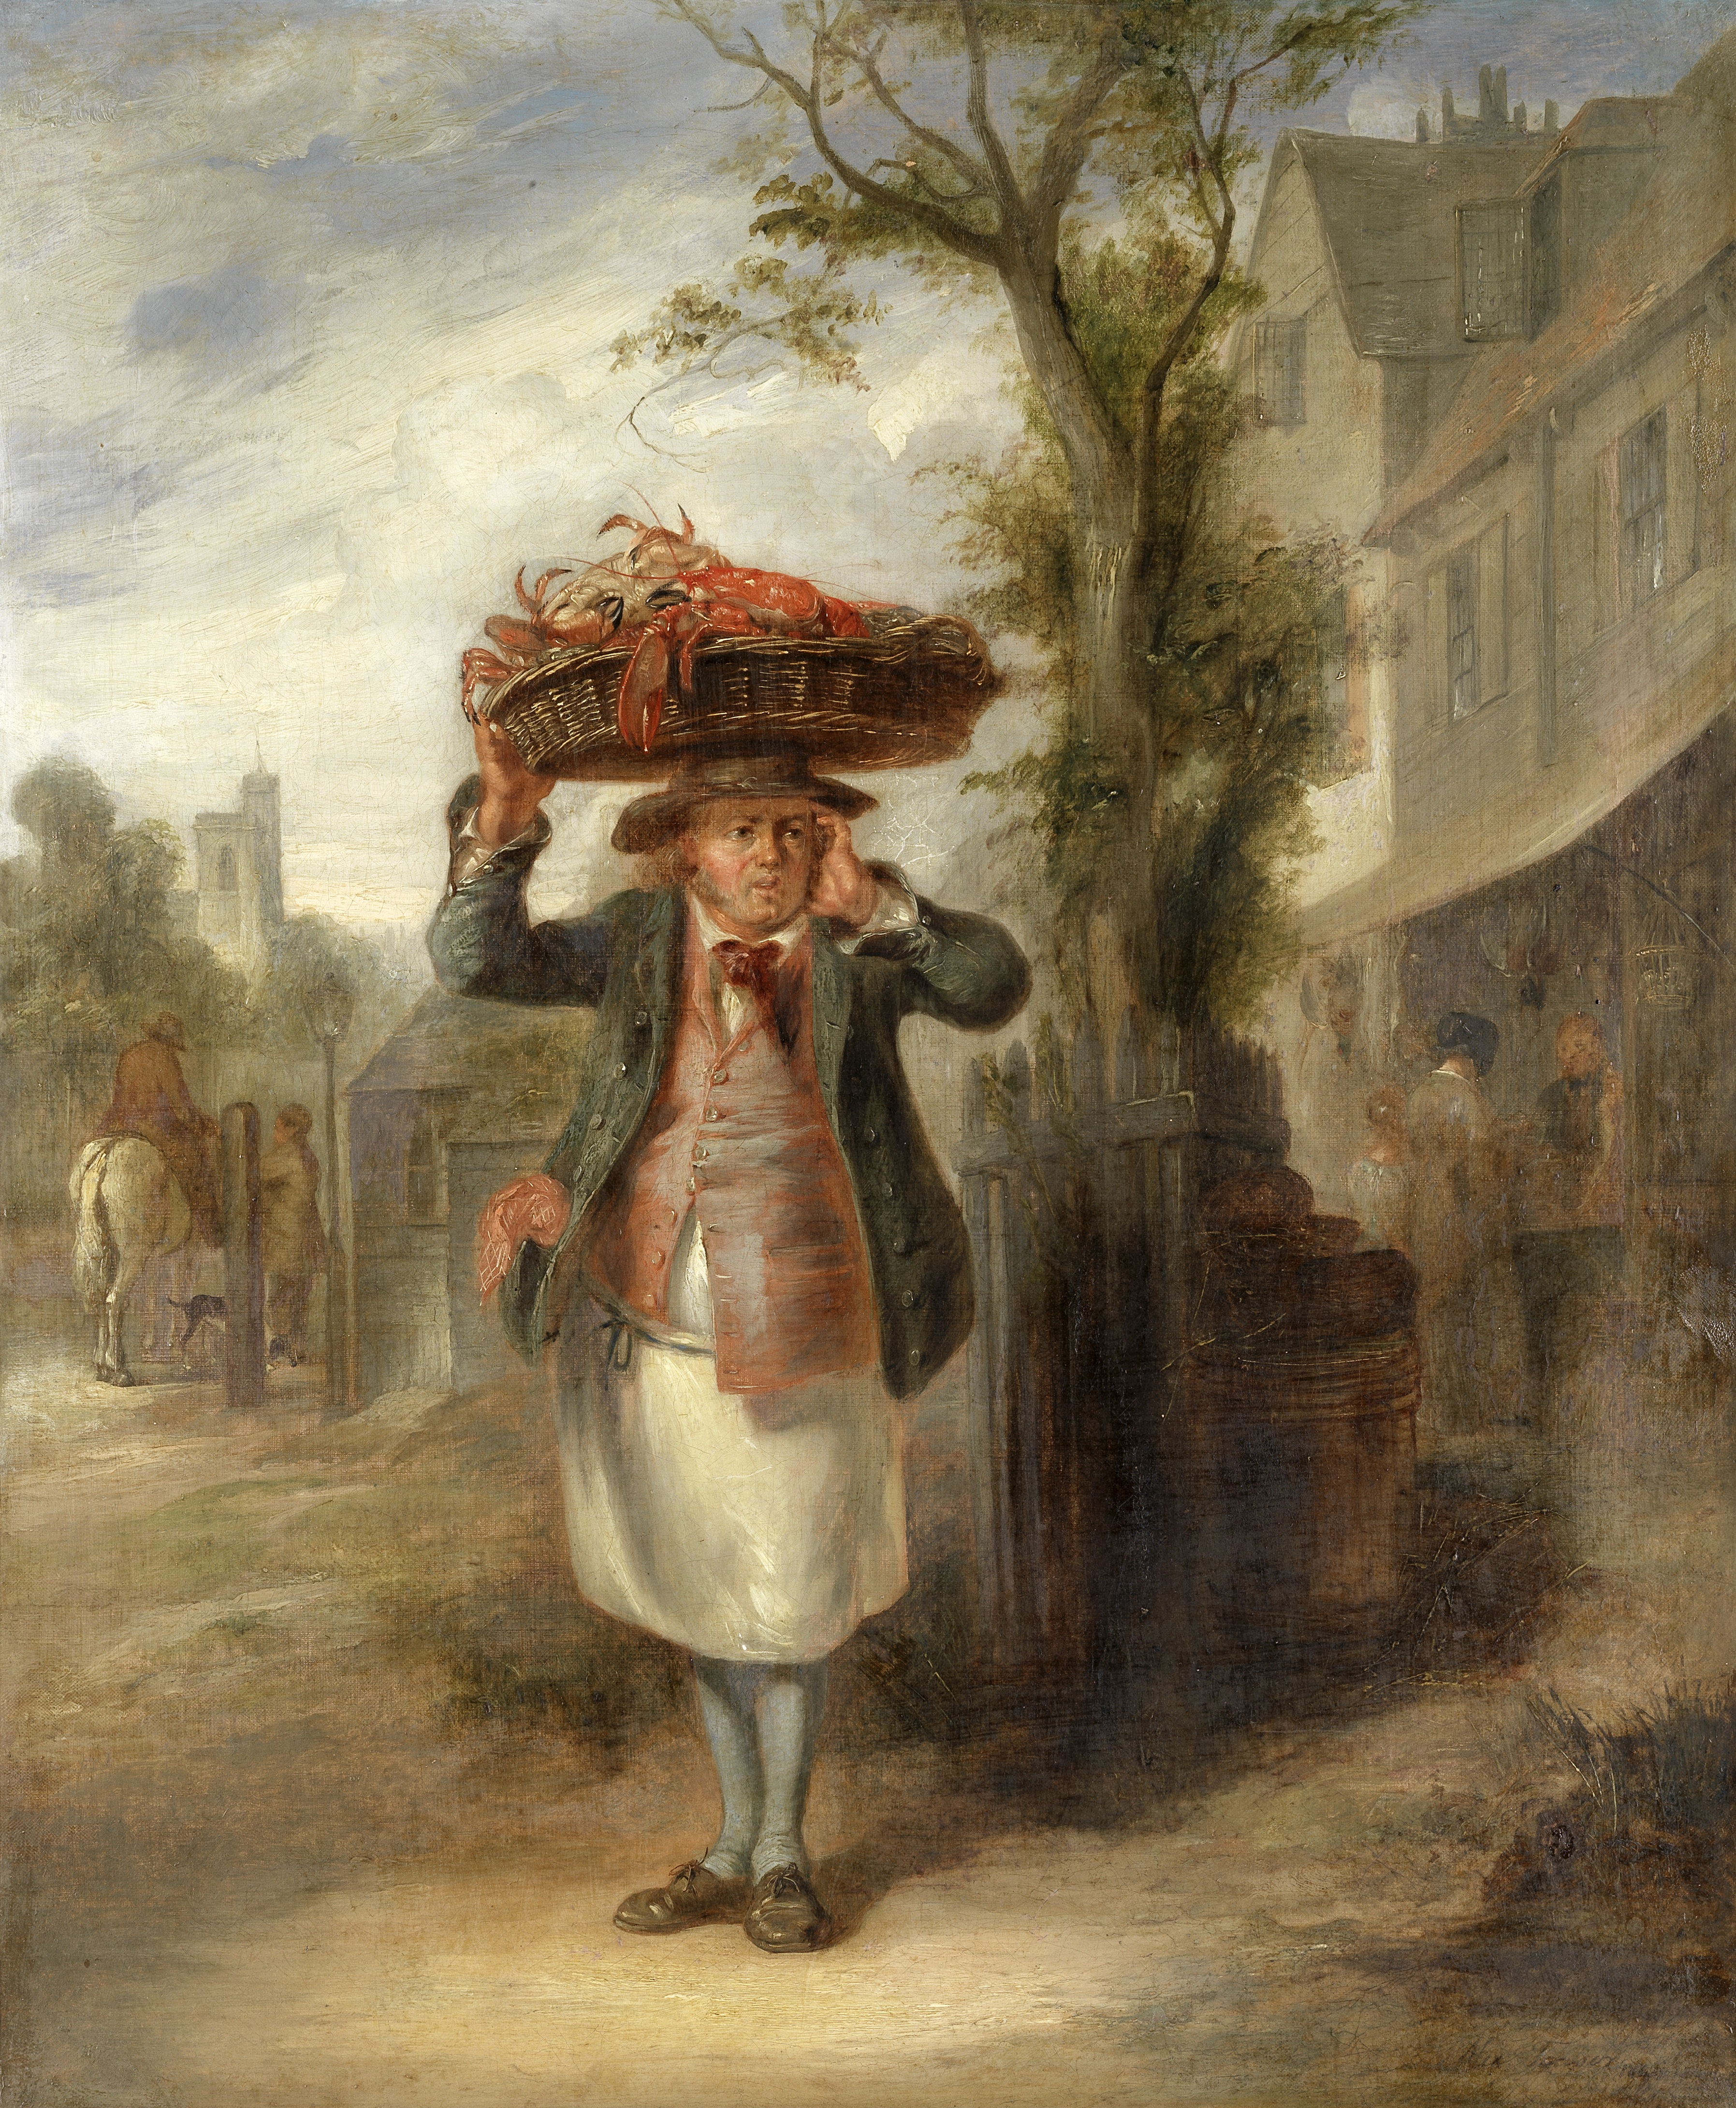 Alexander Fraser (British, 1786-1865) The lobster seller